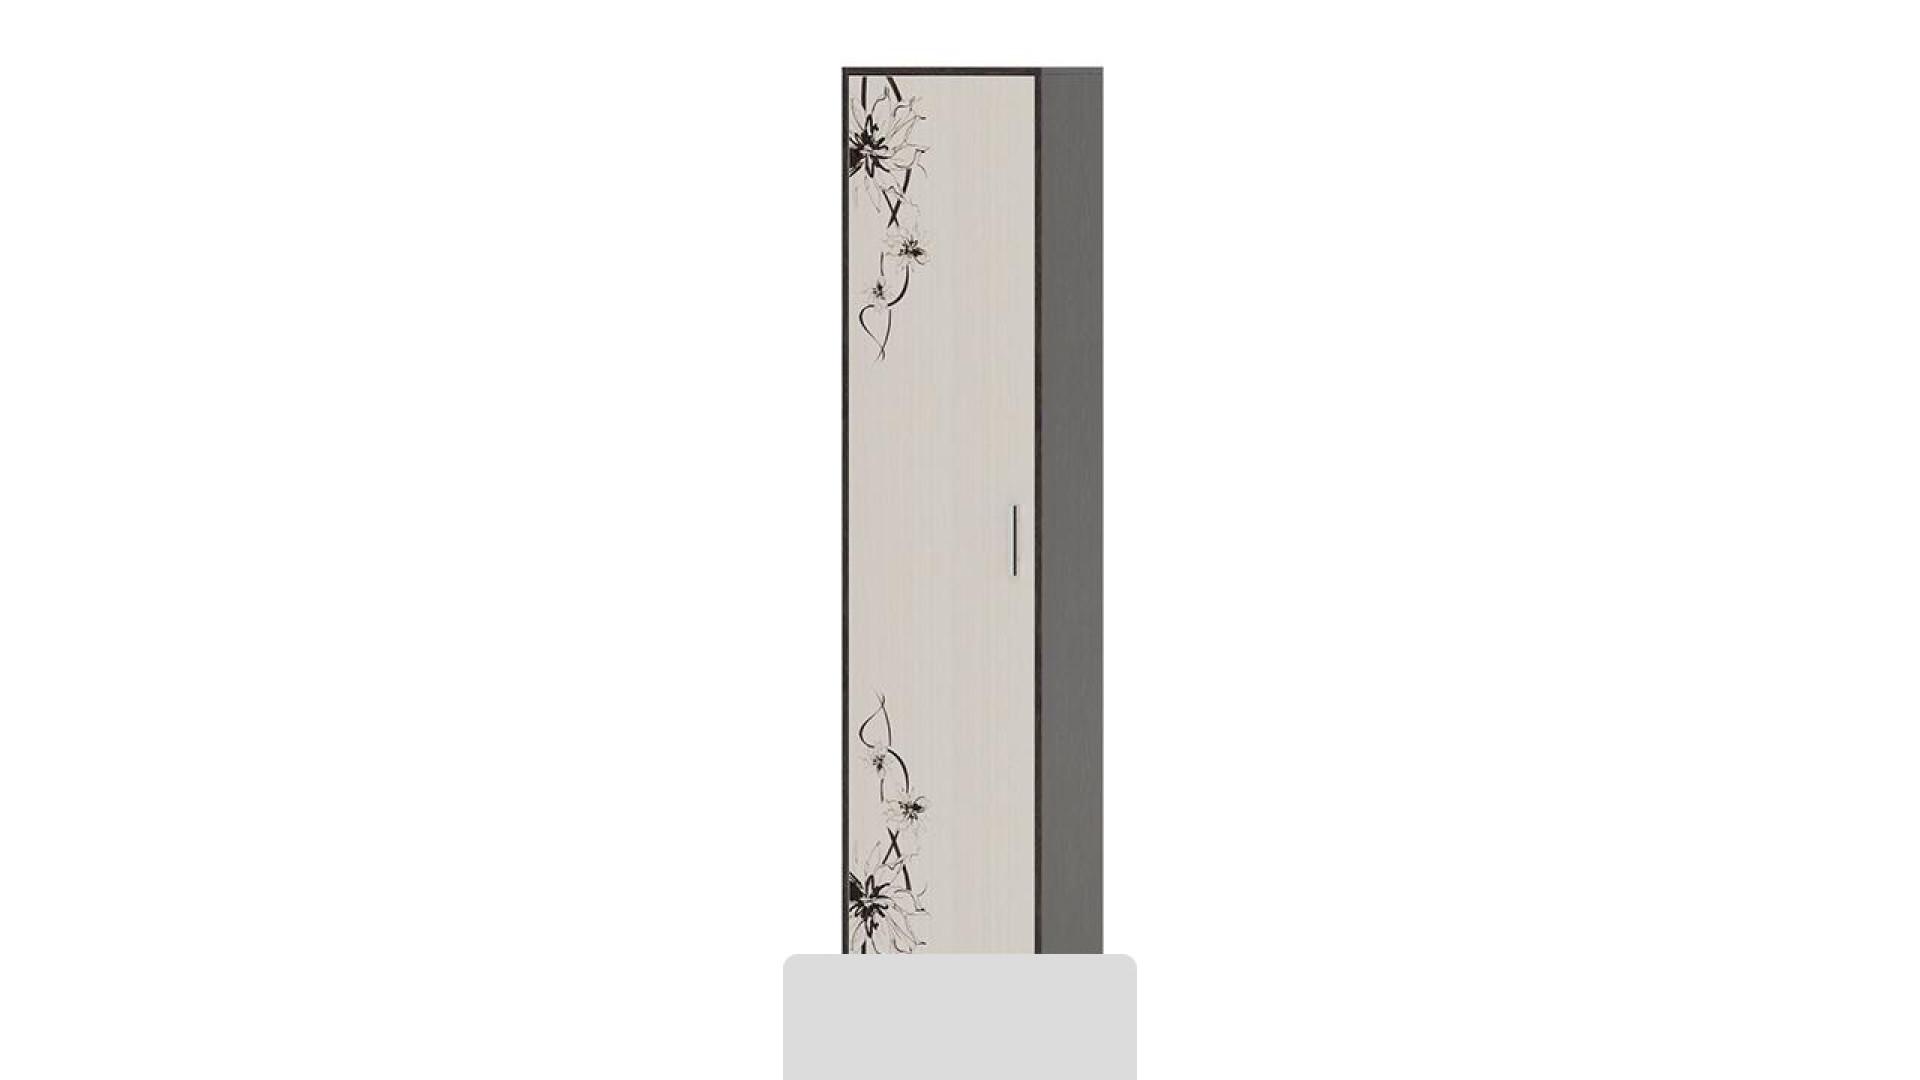 Шкаф Витра тип 1 (Венге Цаво/Дуб Белфорт с рисунком)